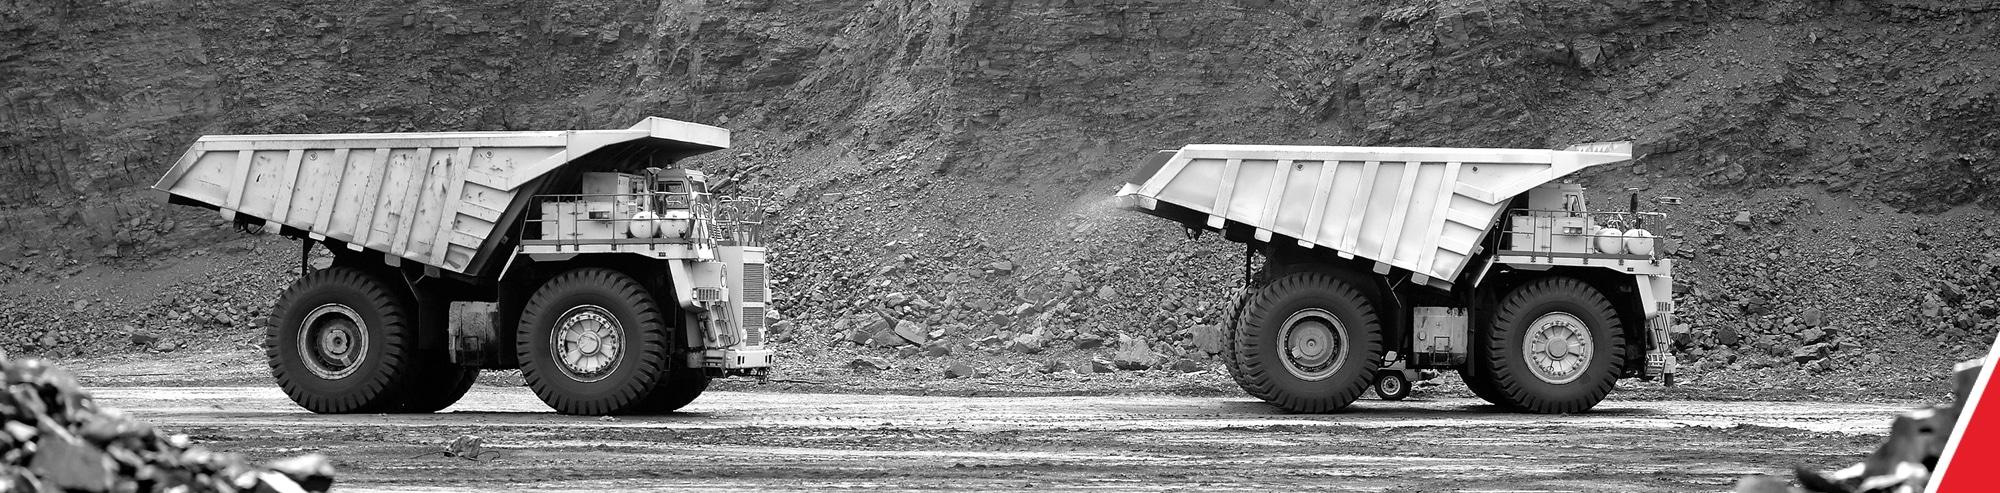 Ingénierie de pointe et d'usinage secteur minier